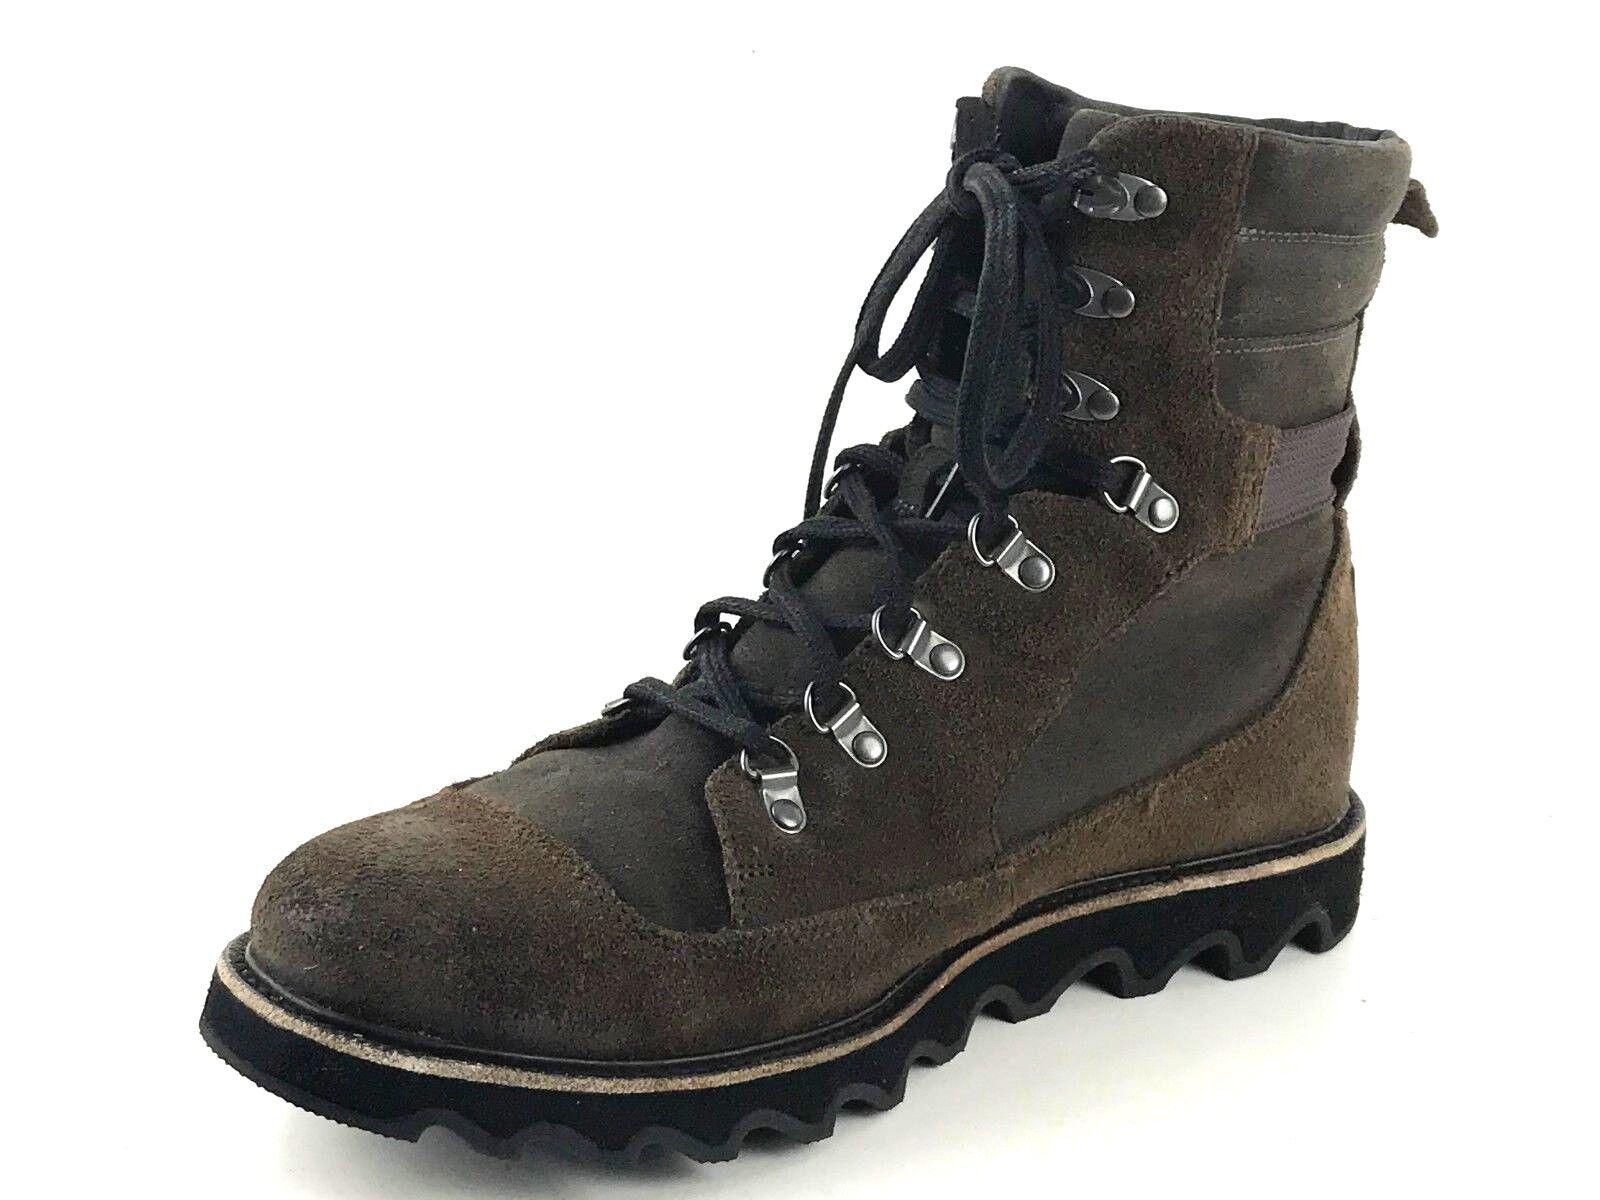 acquista la qualità autentica al 100% SOREL uomo uomo uomo Marrone ANKLE stivali NM1946-248 Dimensione US.11 EU.45.5 UK.10.5  design unico